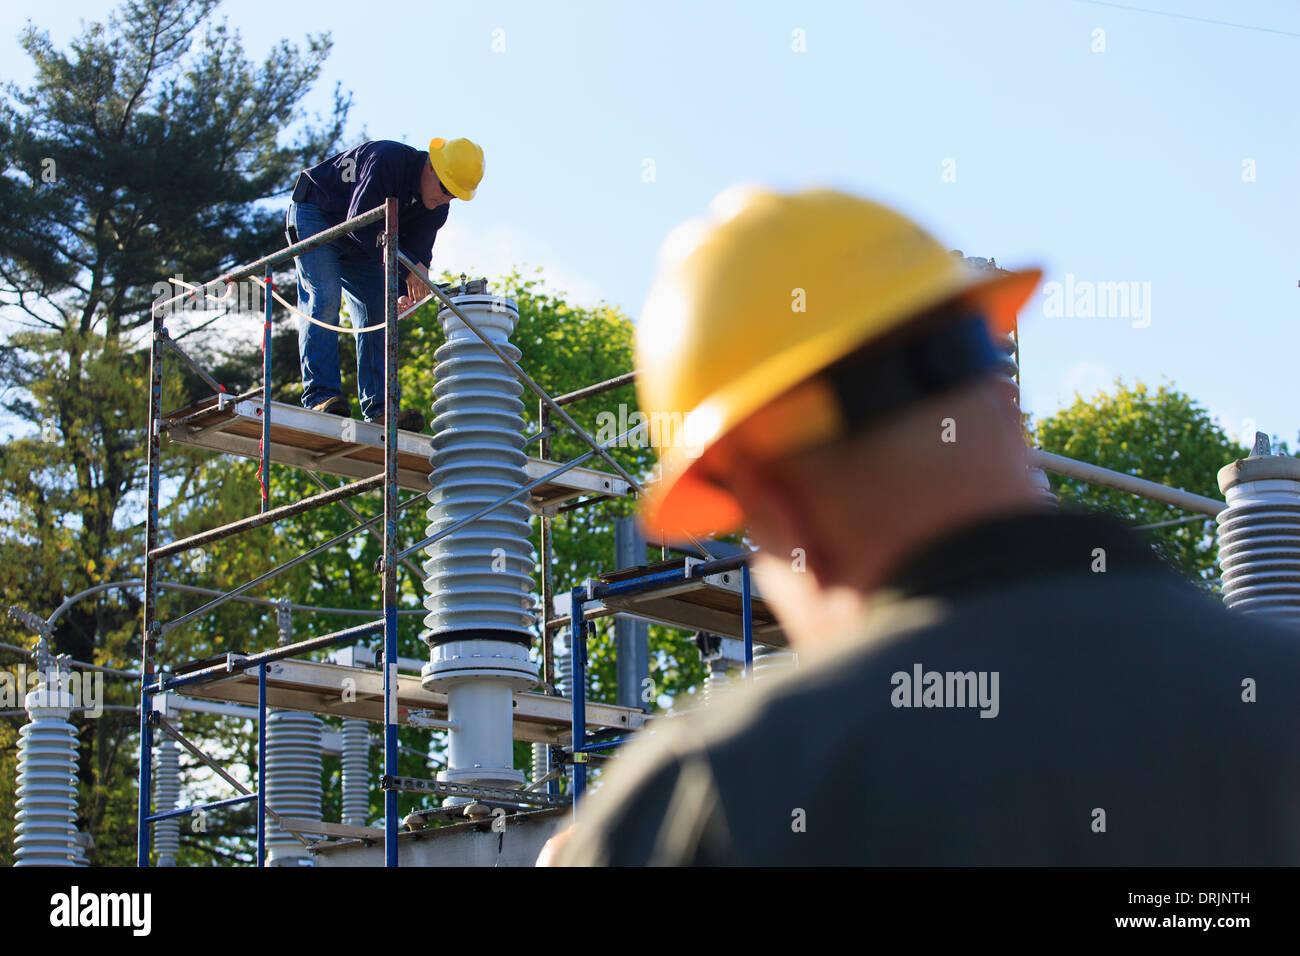 Ingénieur d'effectuer des opérations de maintenance sur l'isolateur haute tension remplis de liquide, Braintree, Massachusetts, USA Photo Stock